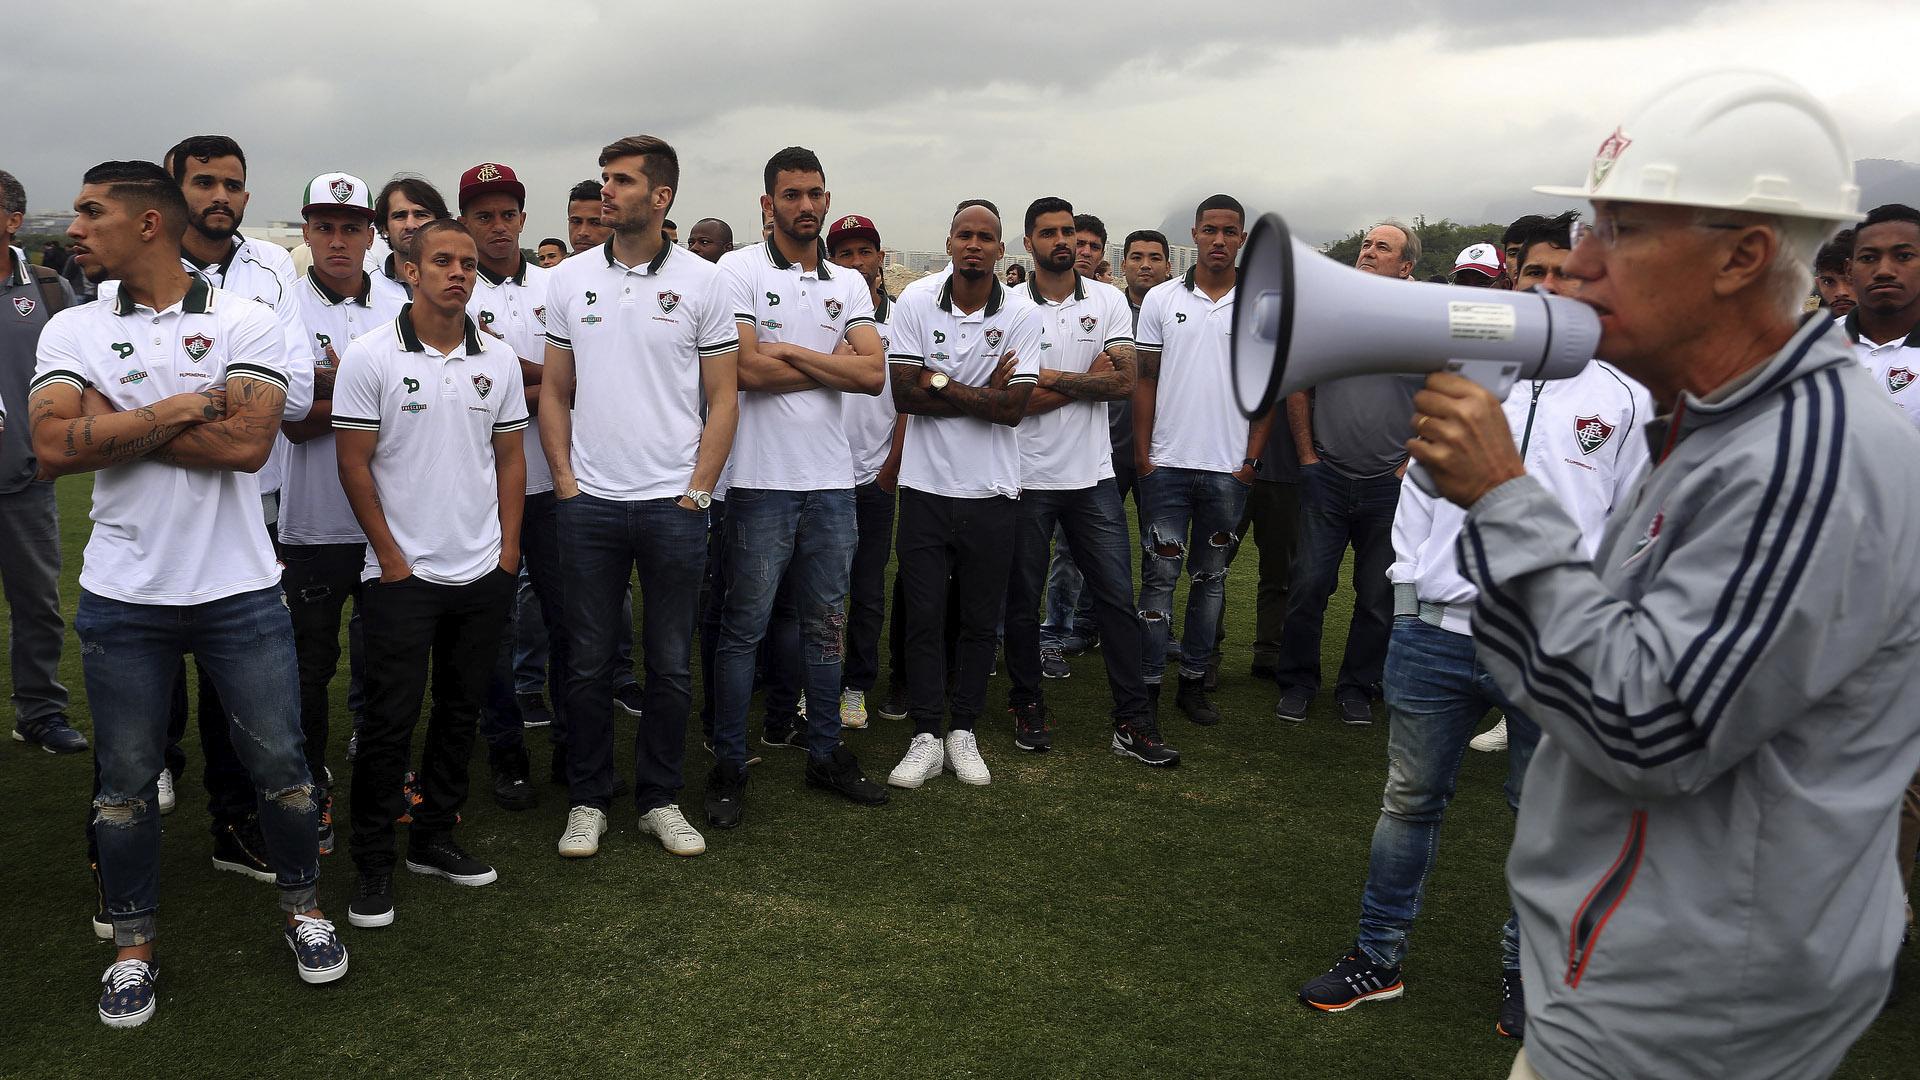 Pedro Antônio VP projetos especiais Fluminense e jogadores CT 21 07 16